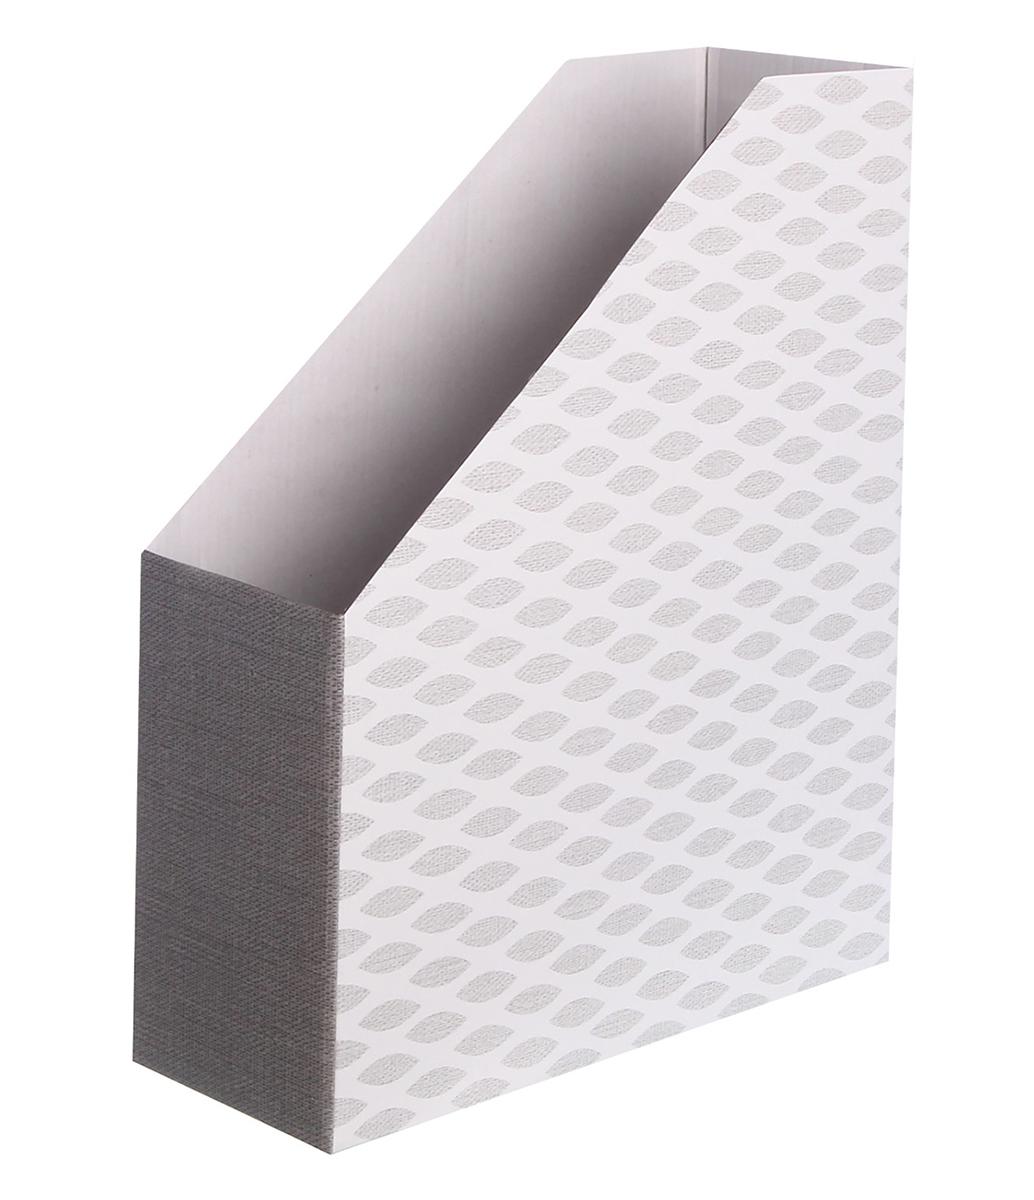 Арт Узор Органайзер для папок Для самого нужного 24,6 х 30,1 х 9,6 см - Лотки, подставки для бумаг